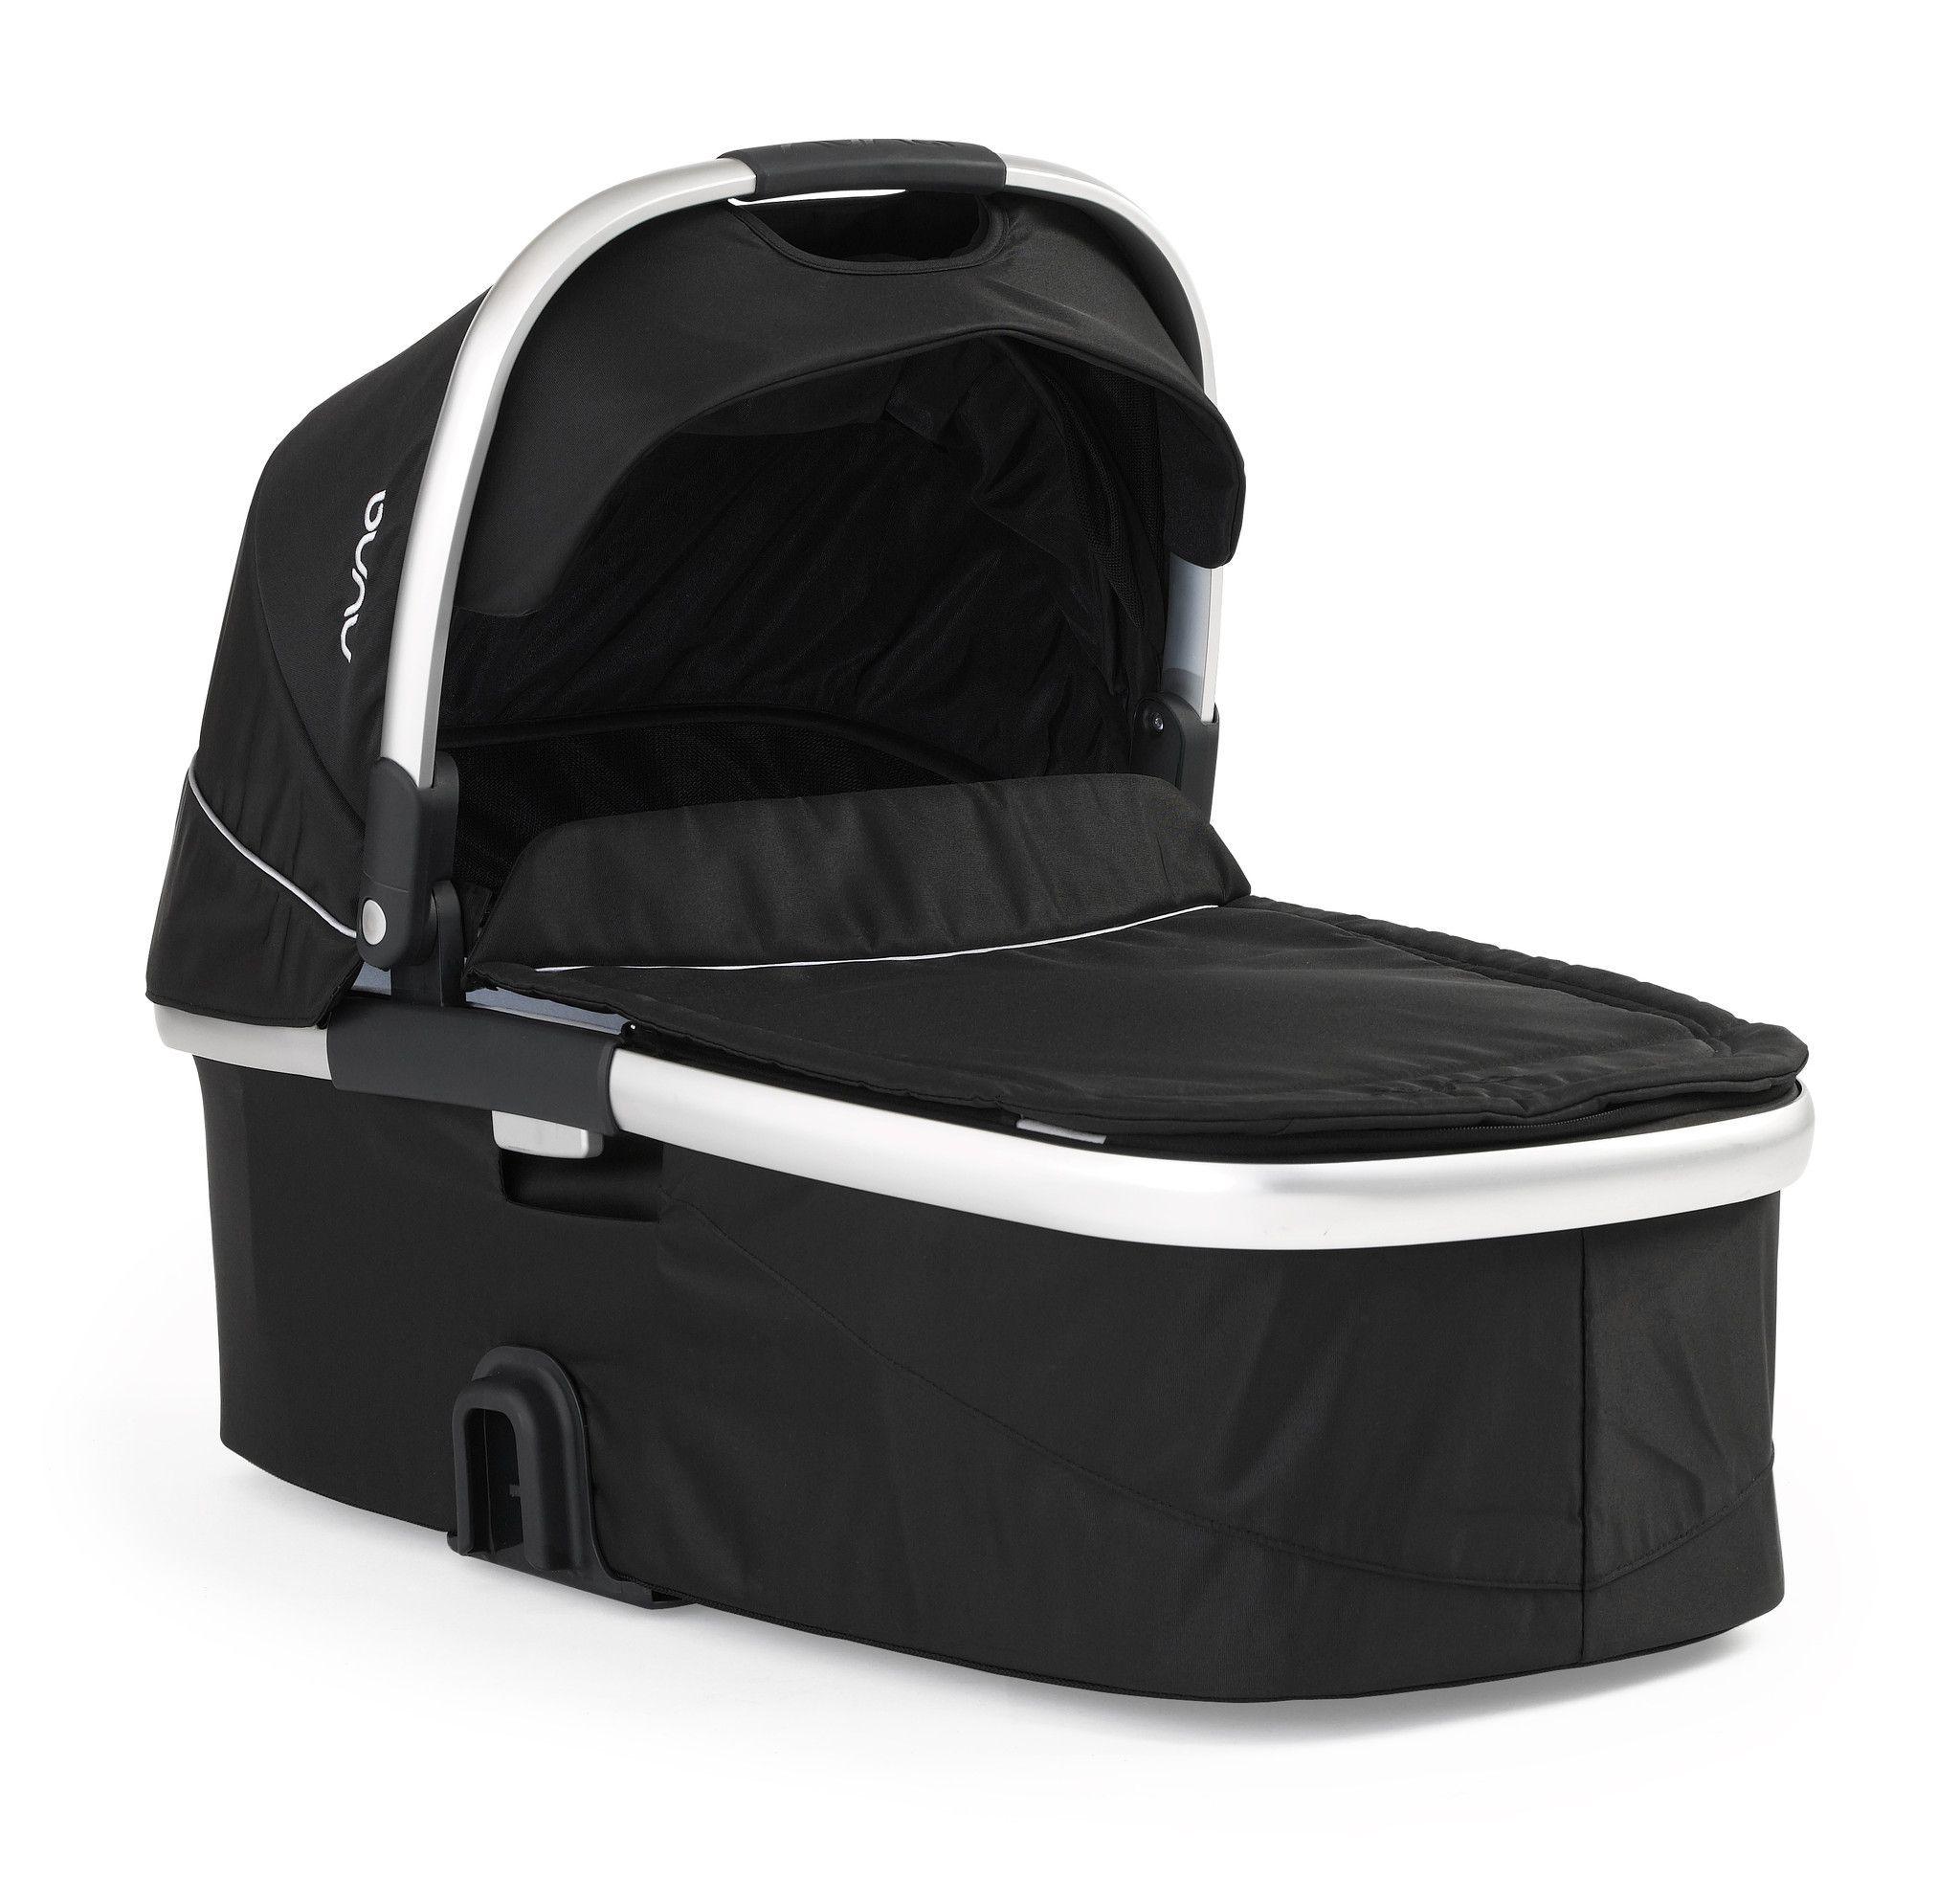 Nuna IVVI Carry Cot Stroller Caviar Stroller